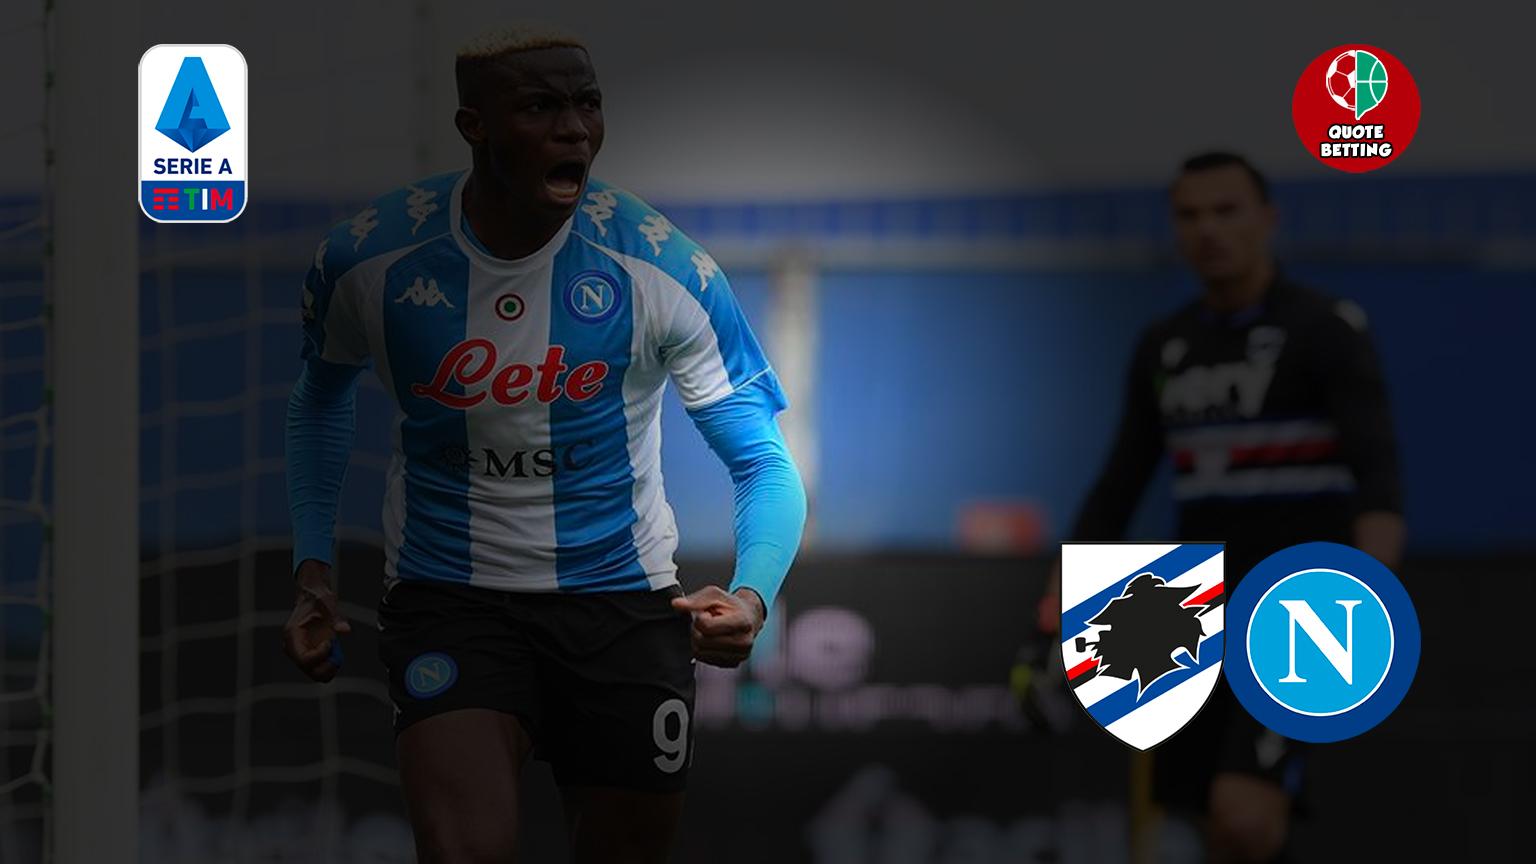 odds sampdoria napoli tempat untuk melihat di tv prediksi formasi odds seri a taruhan sepak bola italia marassi stadion ferraris sampdoria-napoli